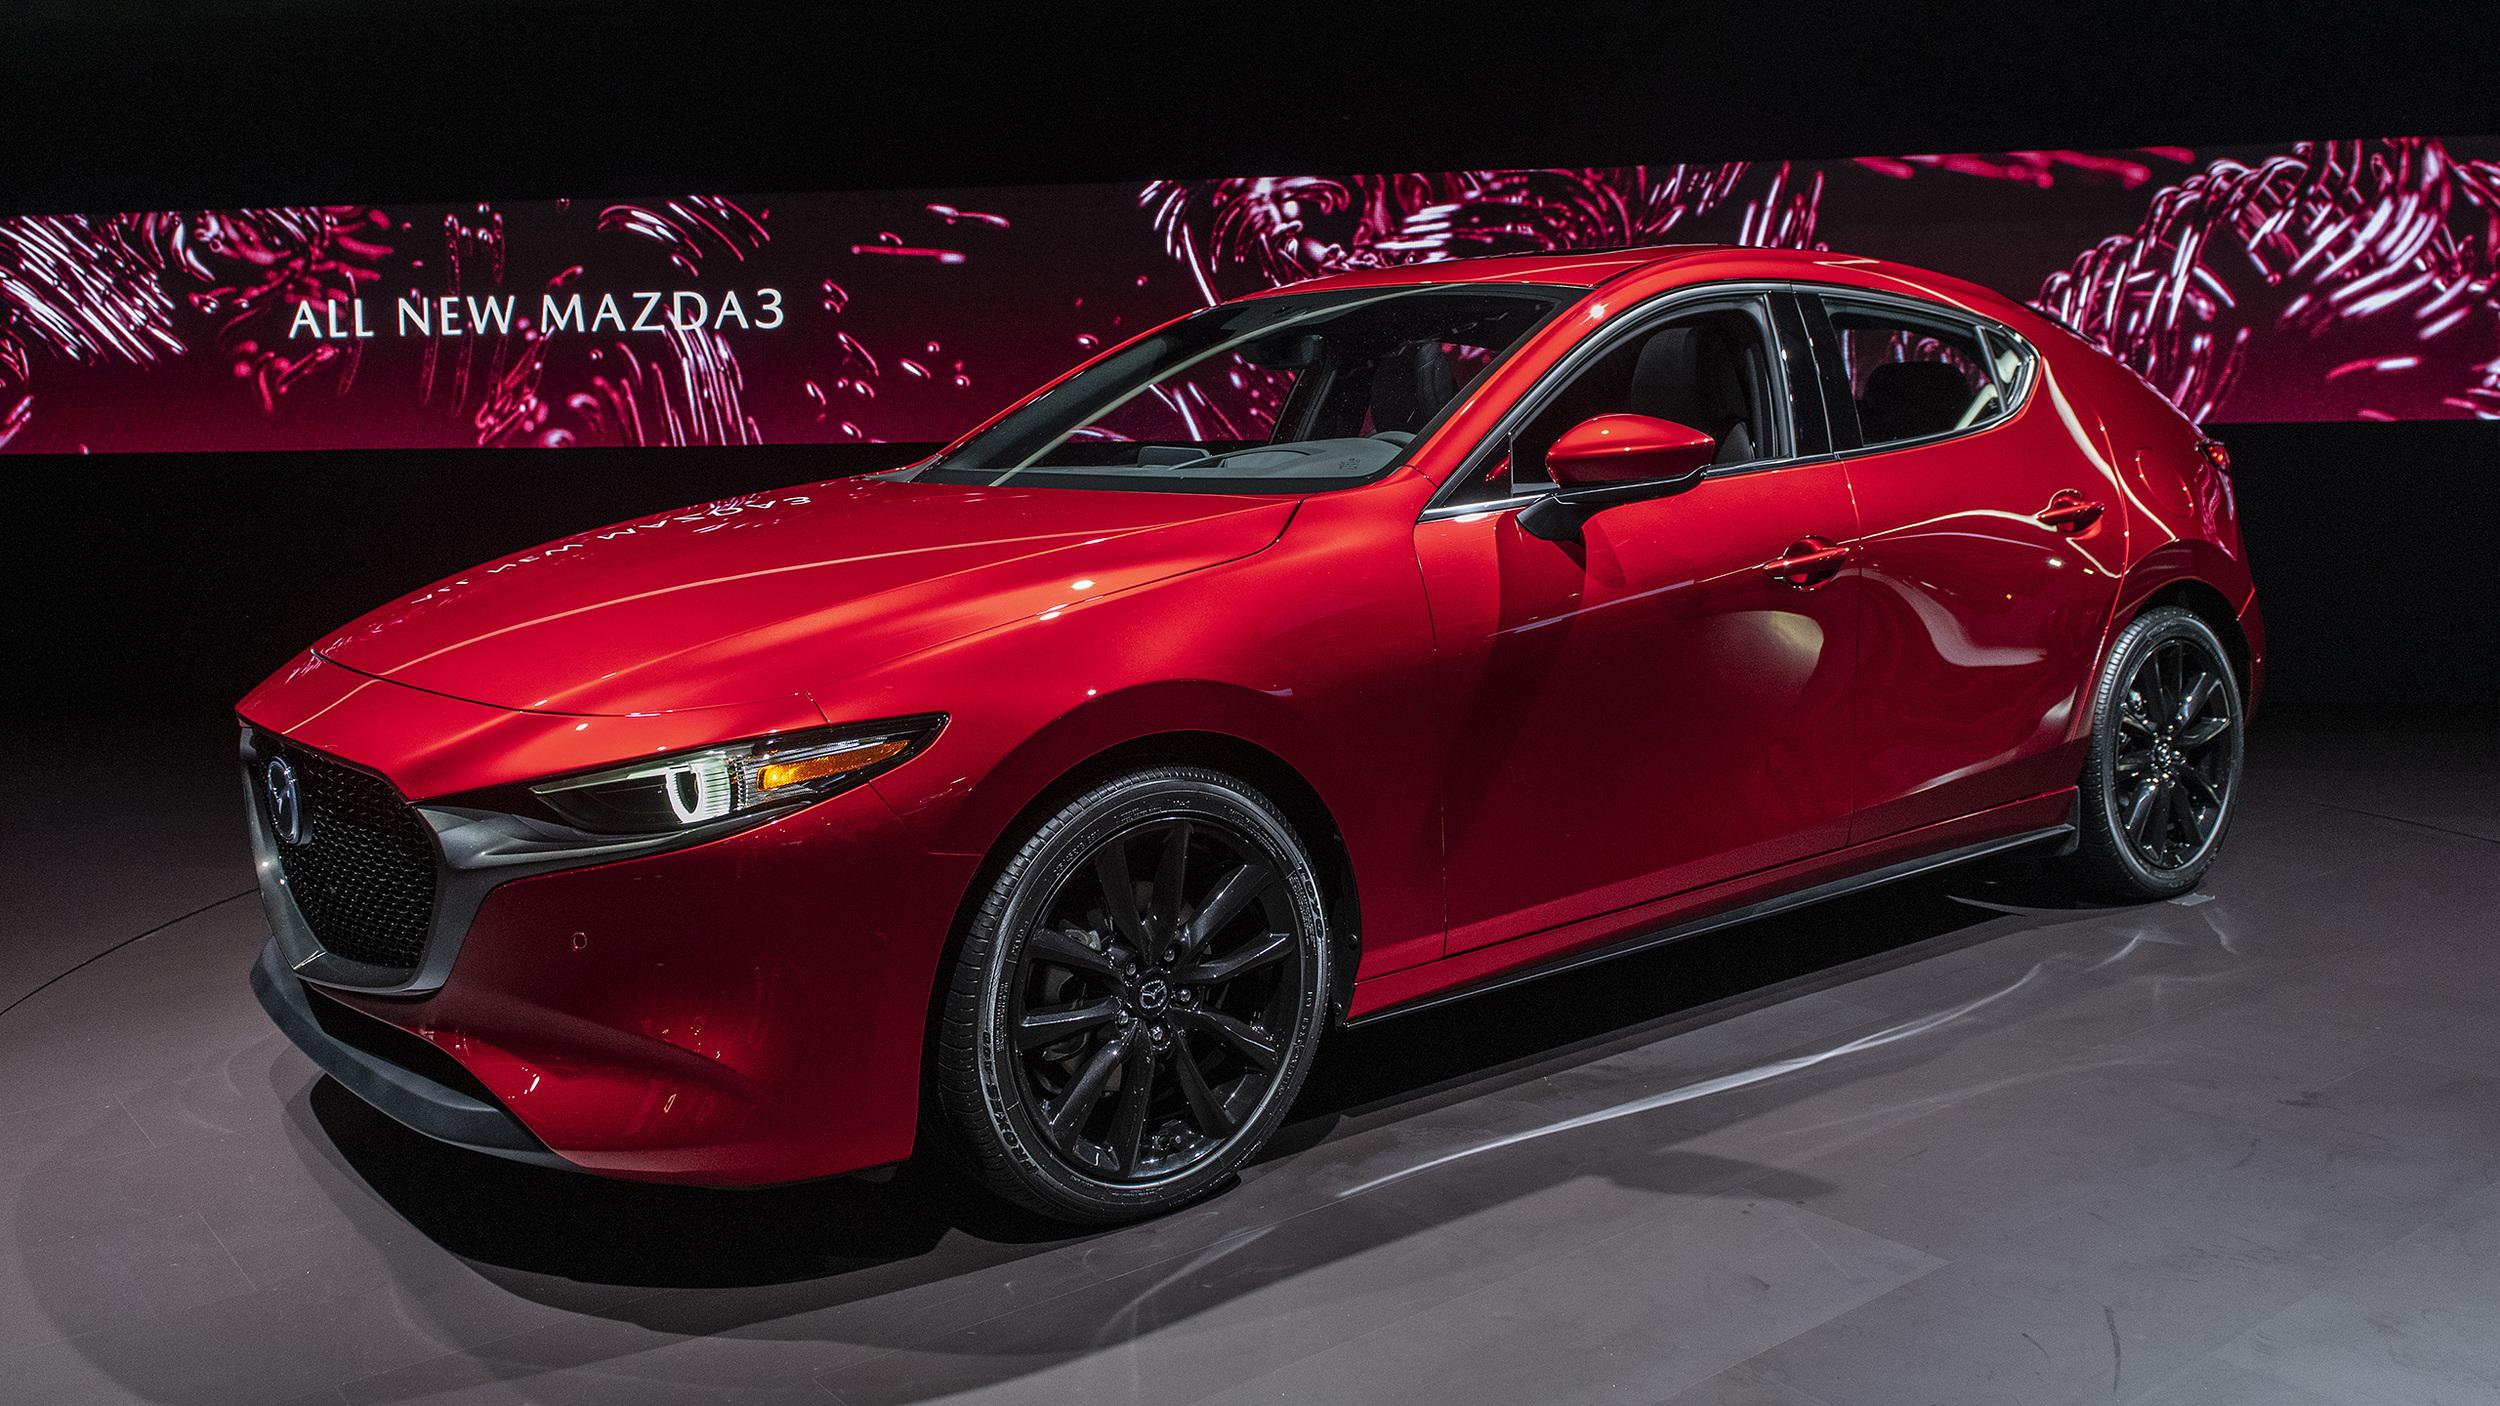 2019 Mazda 3 yakıt ekonomisi AWD için hatchback modellerini açıkladı